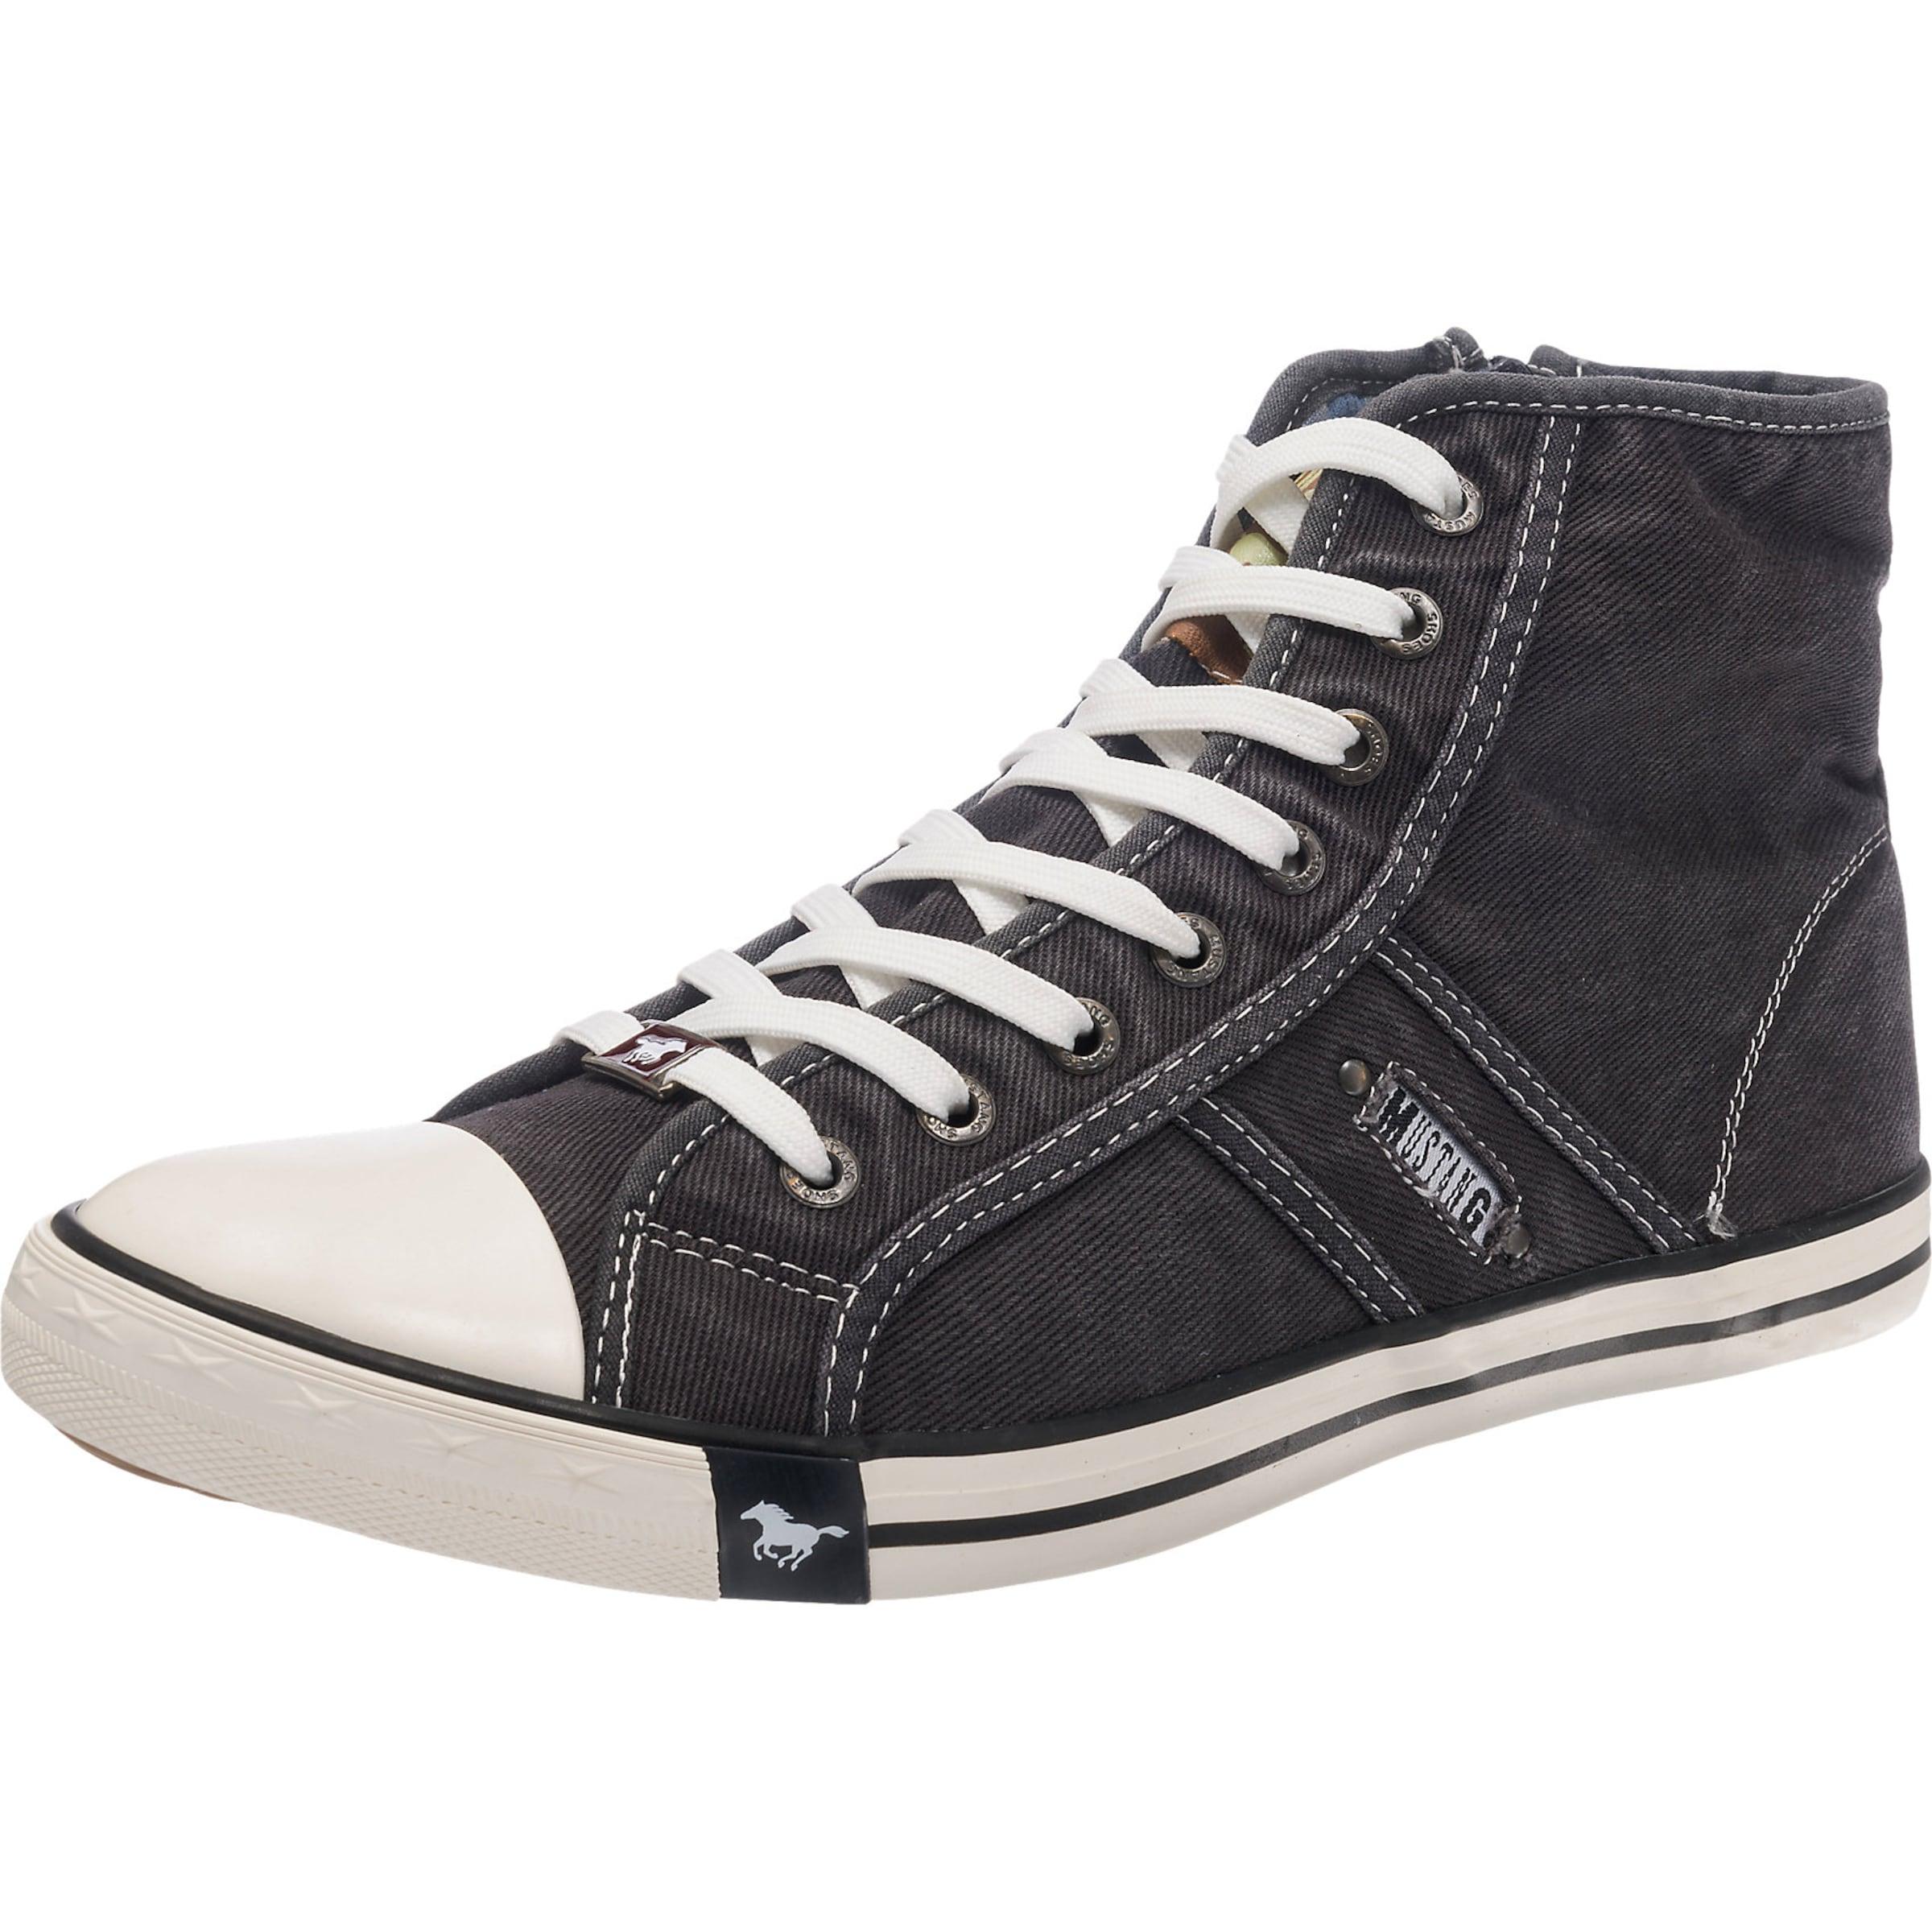 Haltbare Mode billige Schuhe MUSTANG | SHOES Booty Schuhe Gut getragene Schuhe